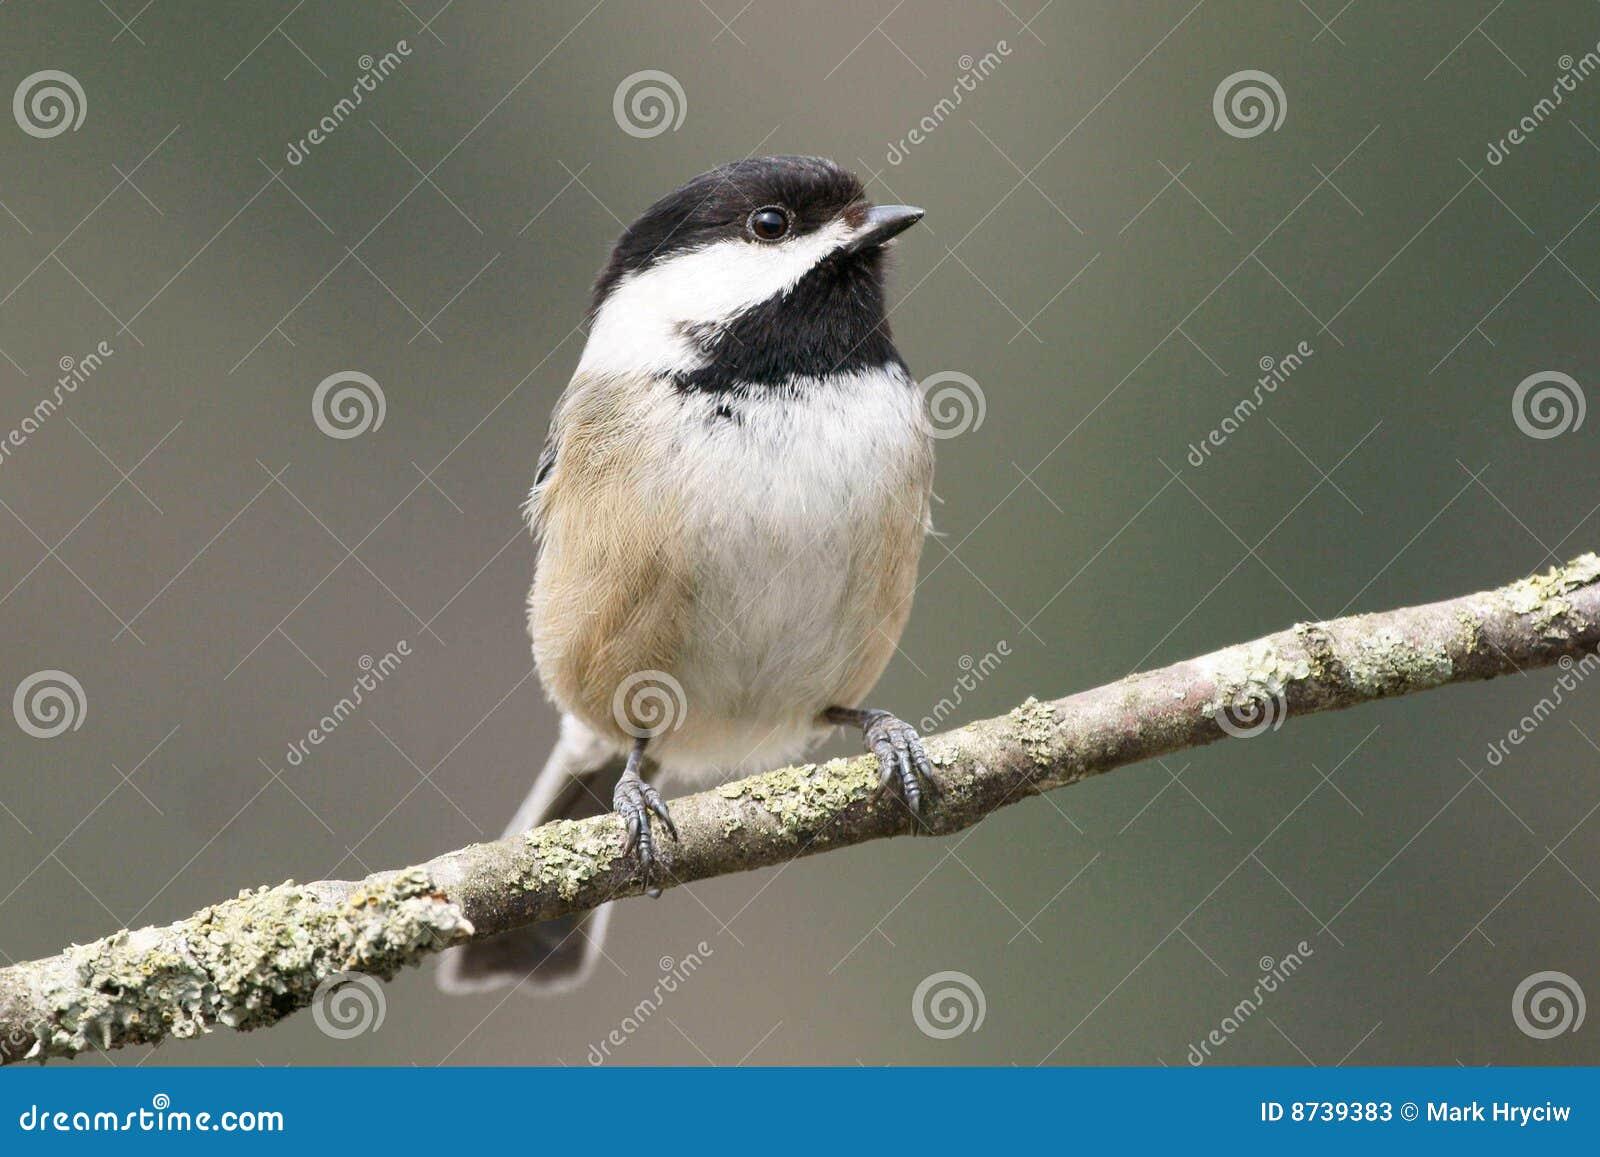 Small Bird Chickadee